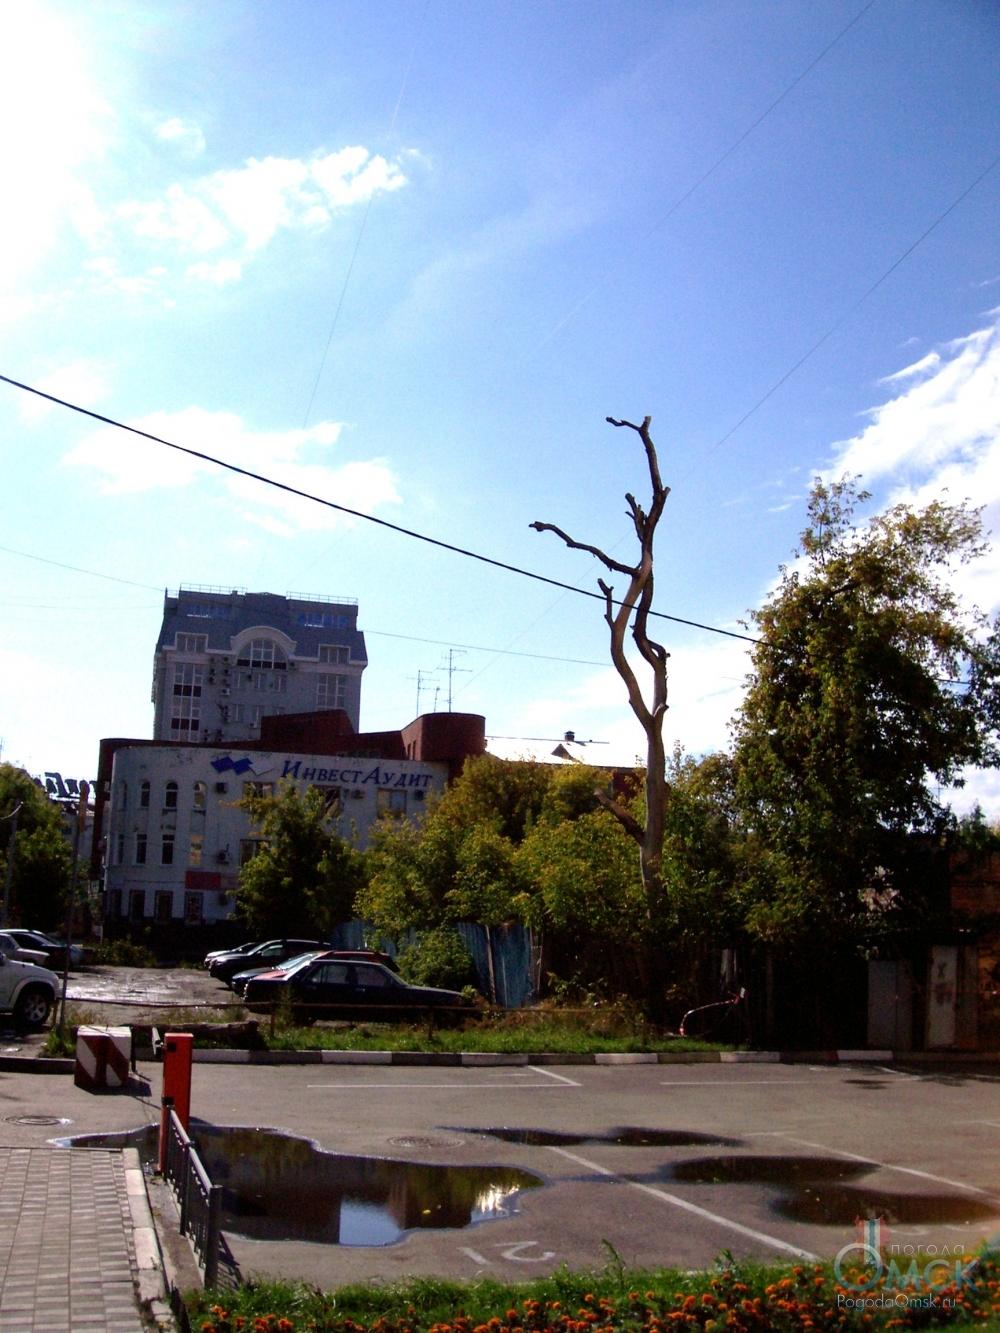 Улица им. Щербанёва